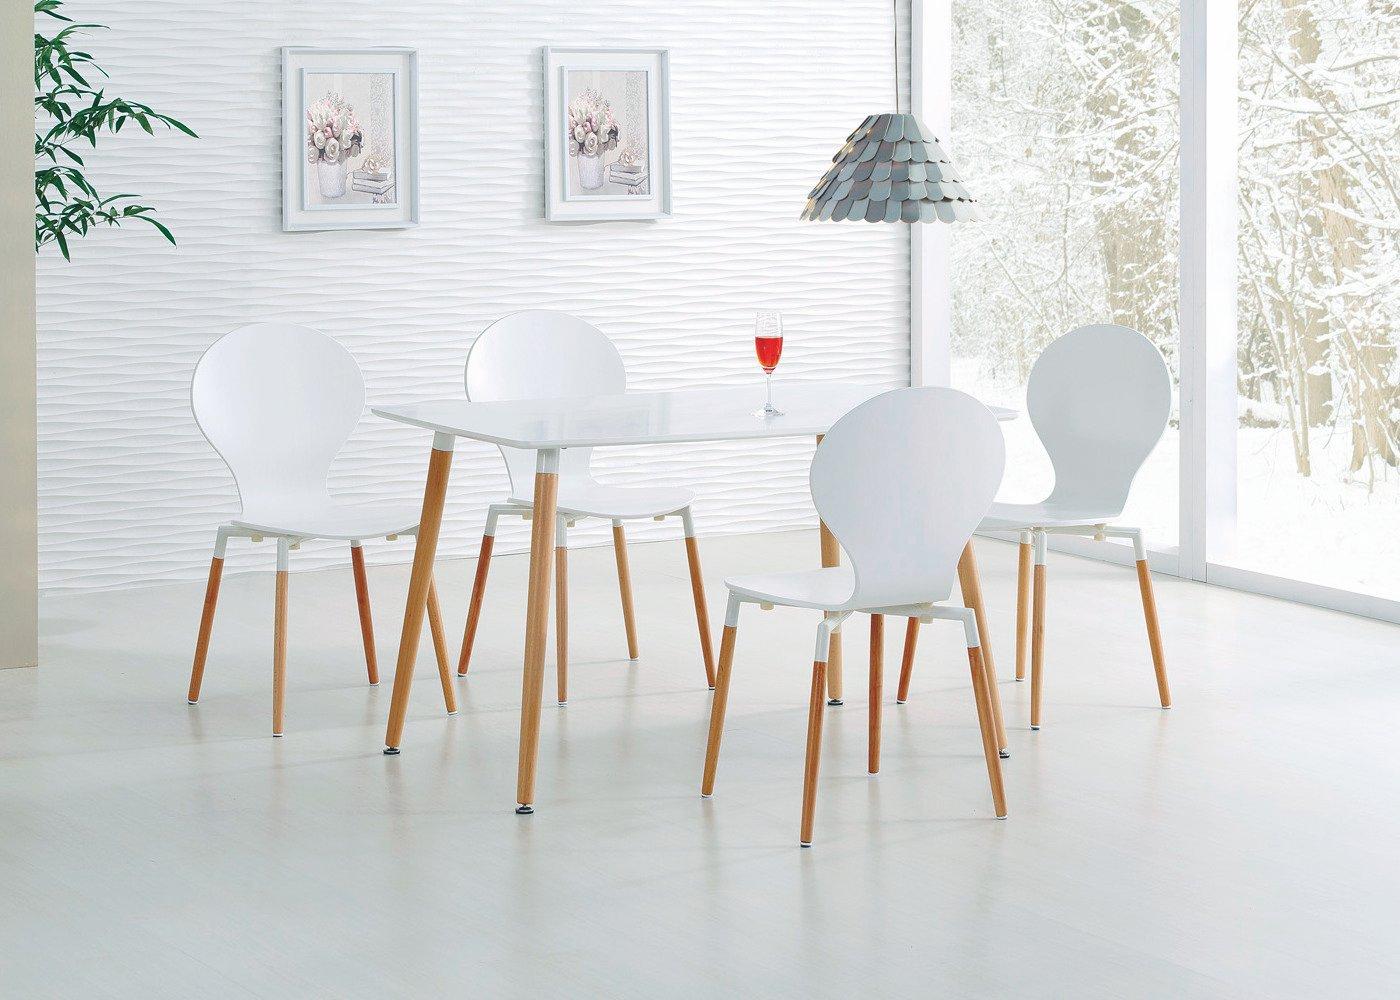 Jedálenský stôl - Halmar - Socrates (pre 4 osoby). Akcia -7%. Sme autorizovaný predajca Halmar. Vlastná spoľahlivá doprava až k Vám domov.